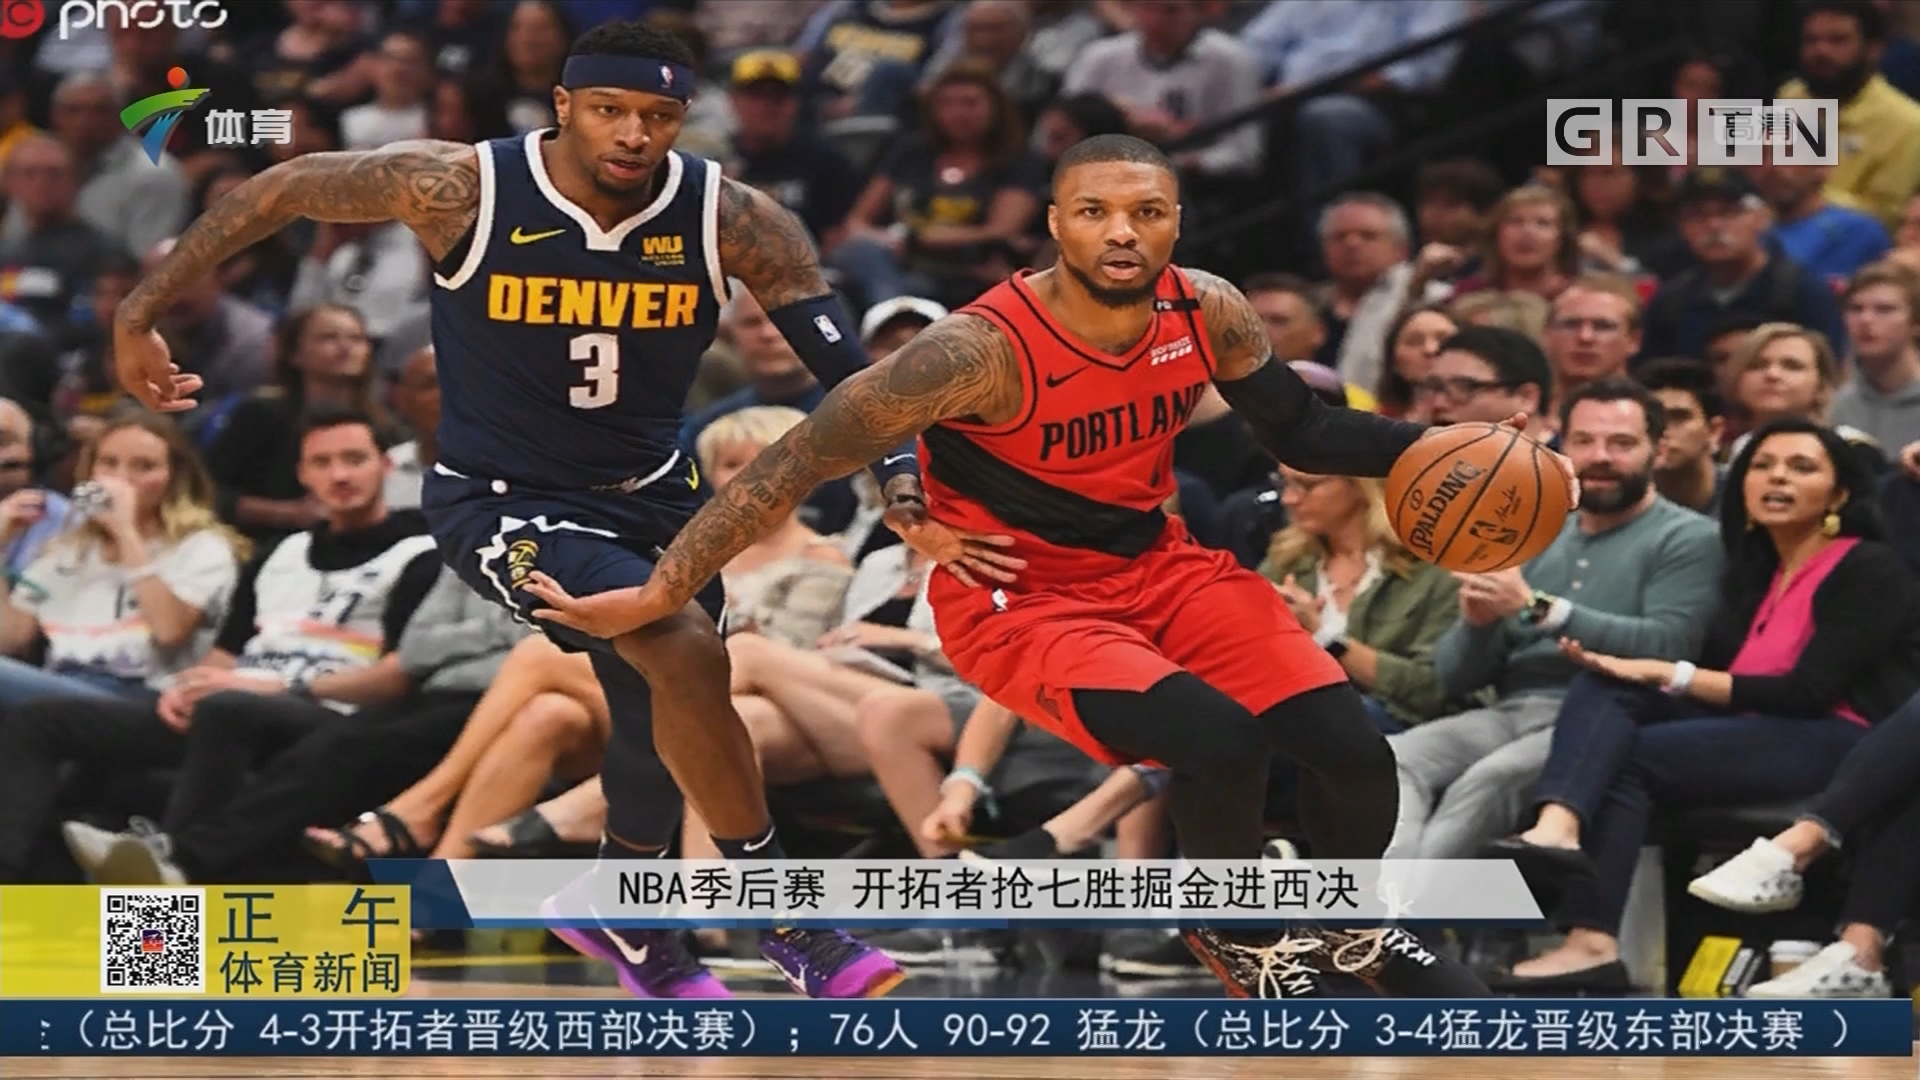 NBA季后赛 开拓者抢七胜掘金进西决